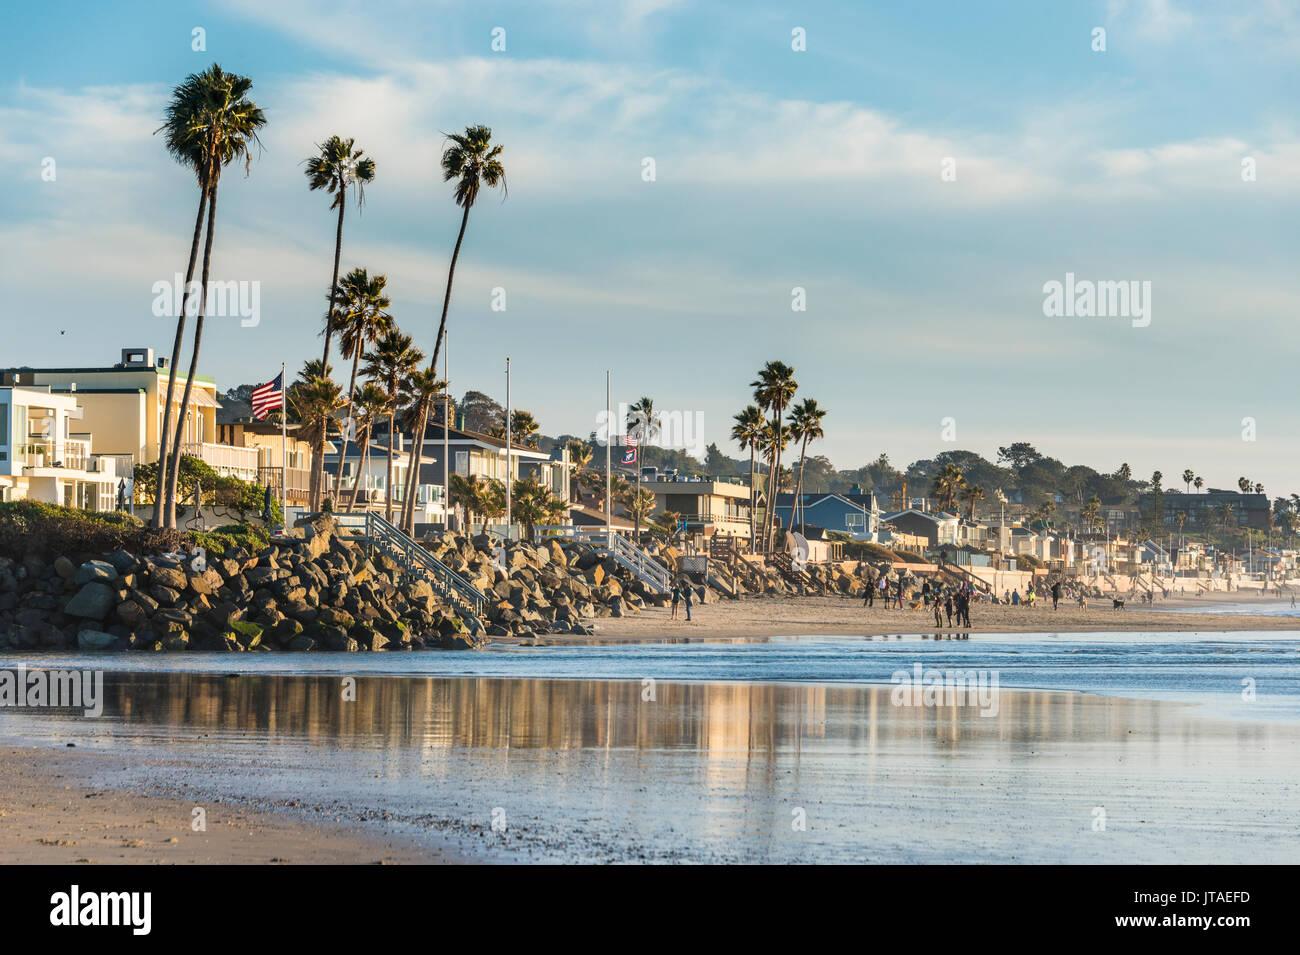 Der Strand von Del Mar, Kalifornien, Vereinigte Staaten von Amerika, Nordamerika Stockbild